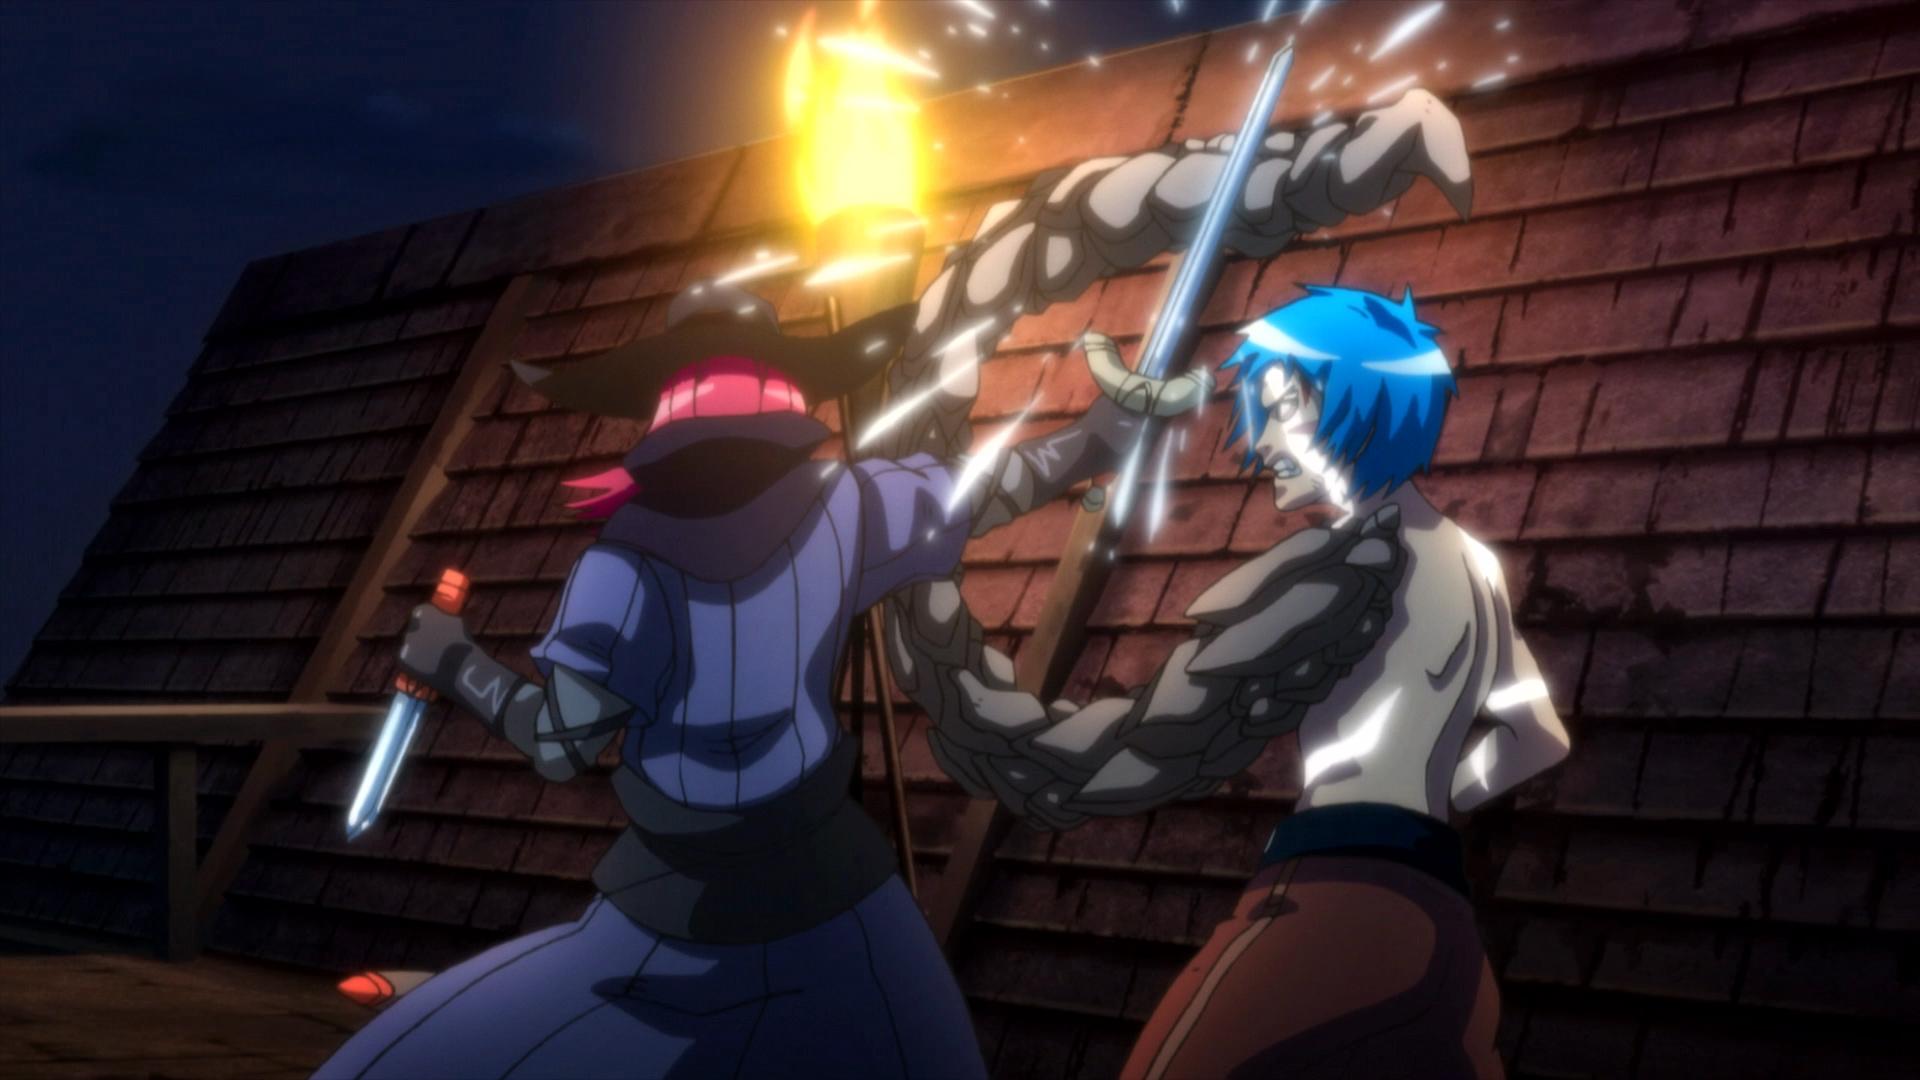 Indigo Ignited, Action Anime